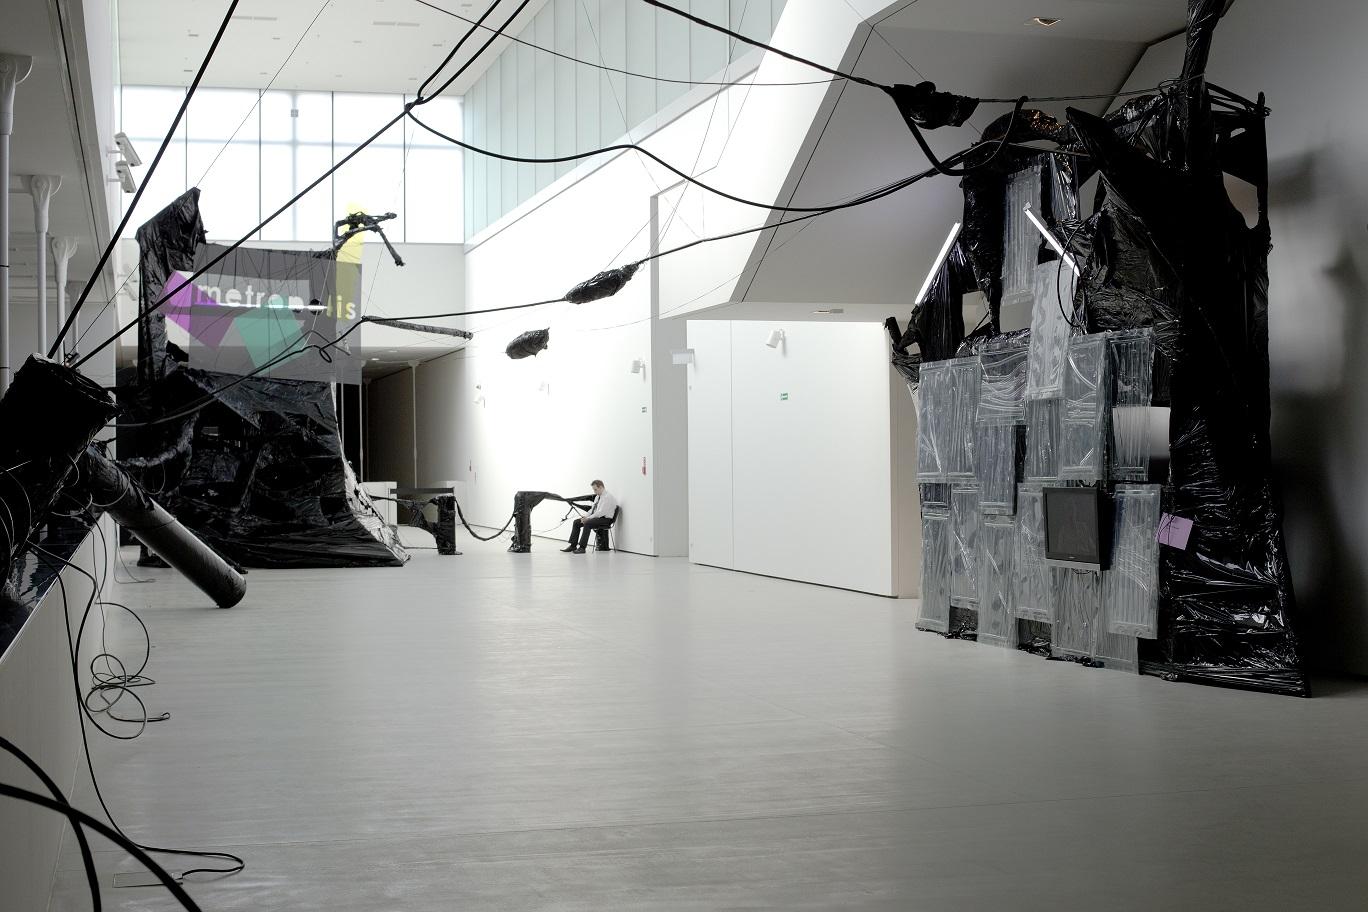 Łukasz Błażejewski Projekt Metropolis 2.0 - Black Fantasy, PROJEKT METROPOLIS - wystawa finałowa, Muzeum Śląskie wKatowicach, scenografia Łukasz Błażejewski